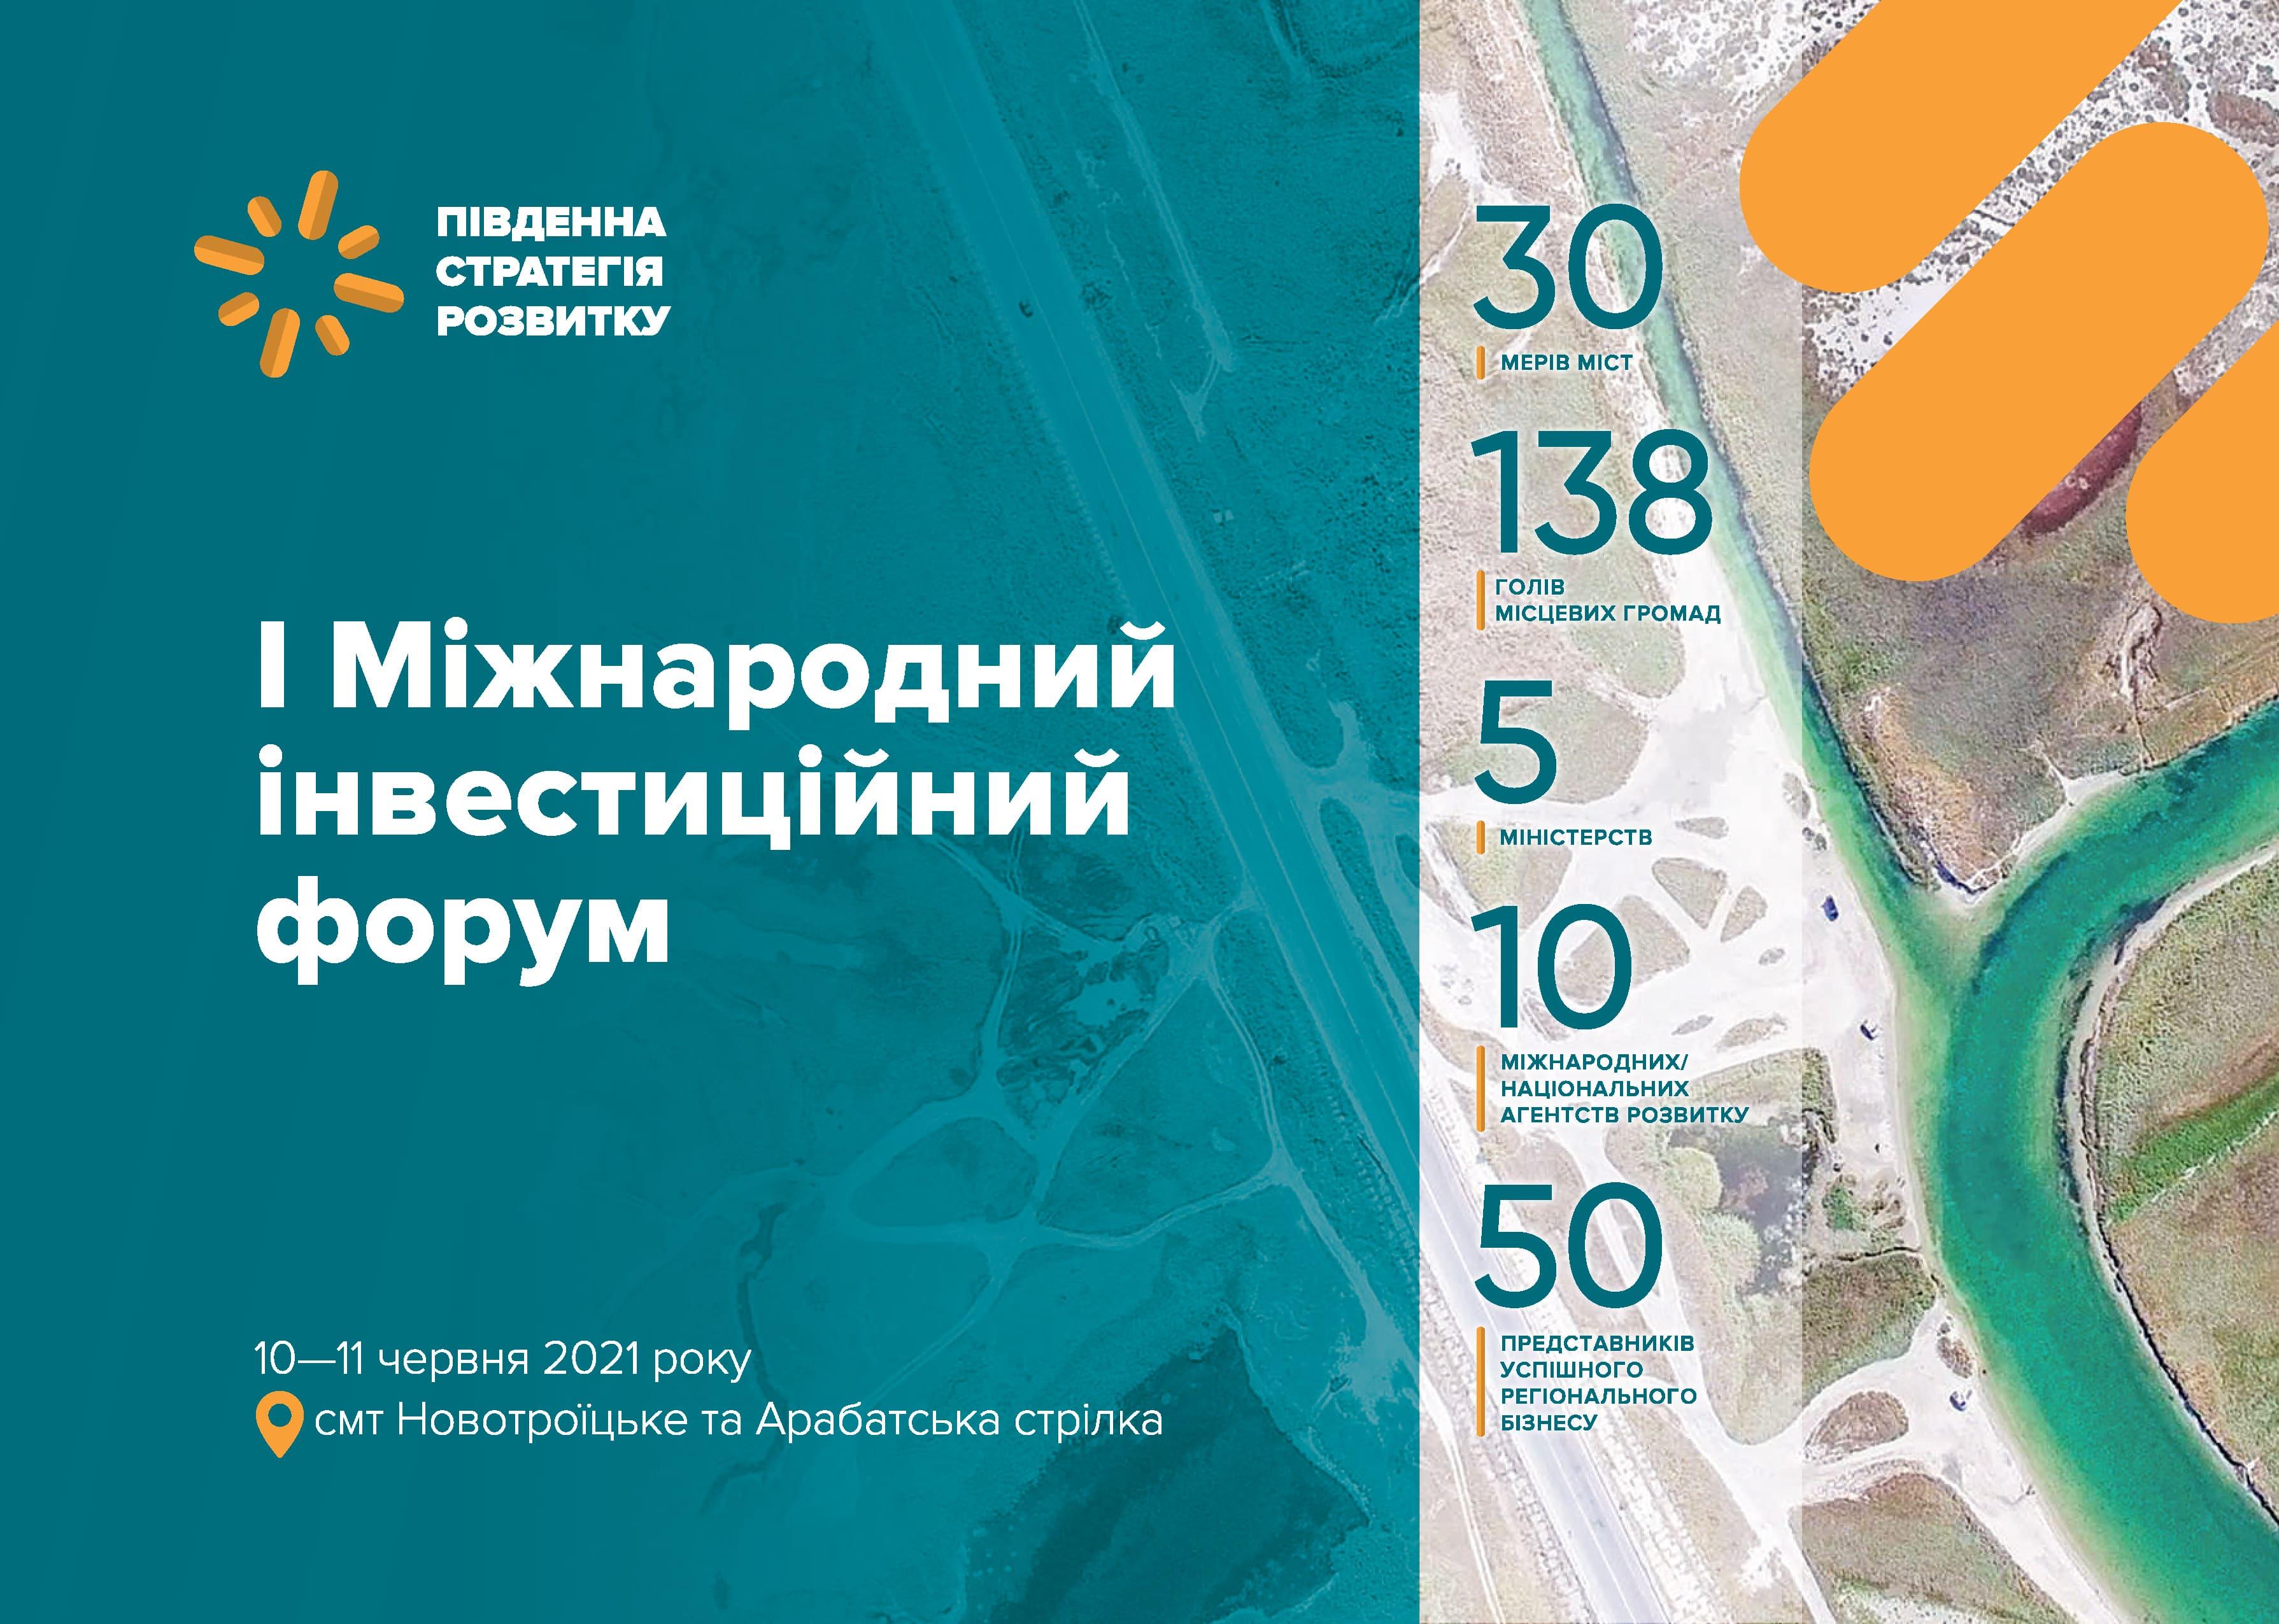 I Міжнародний інвестиційний форум «Південна стратегія розвитку»